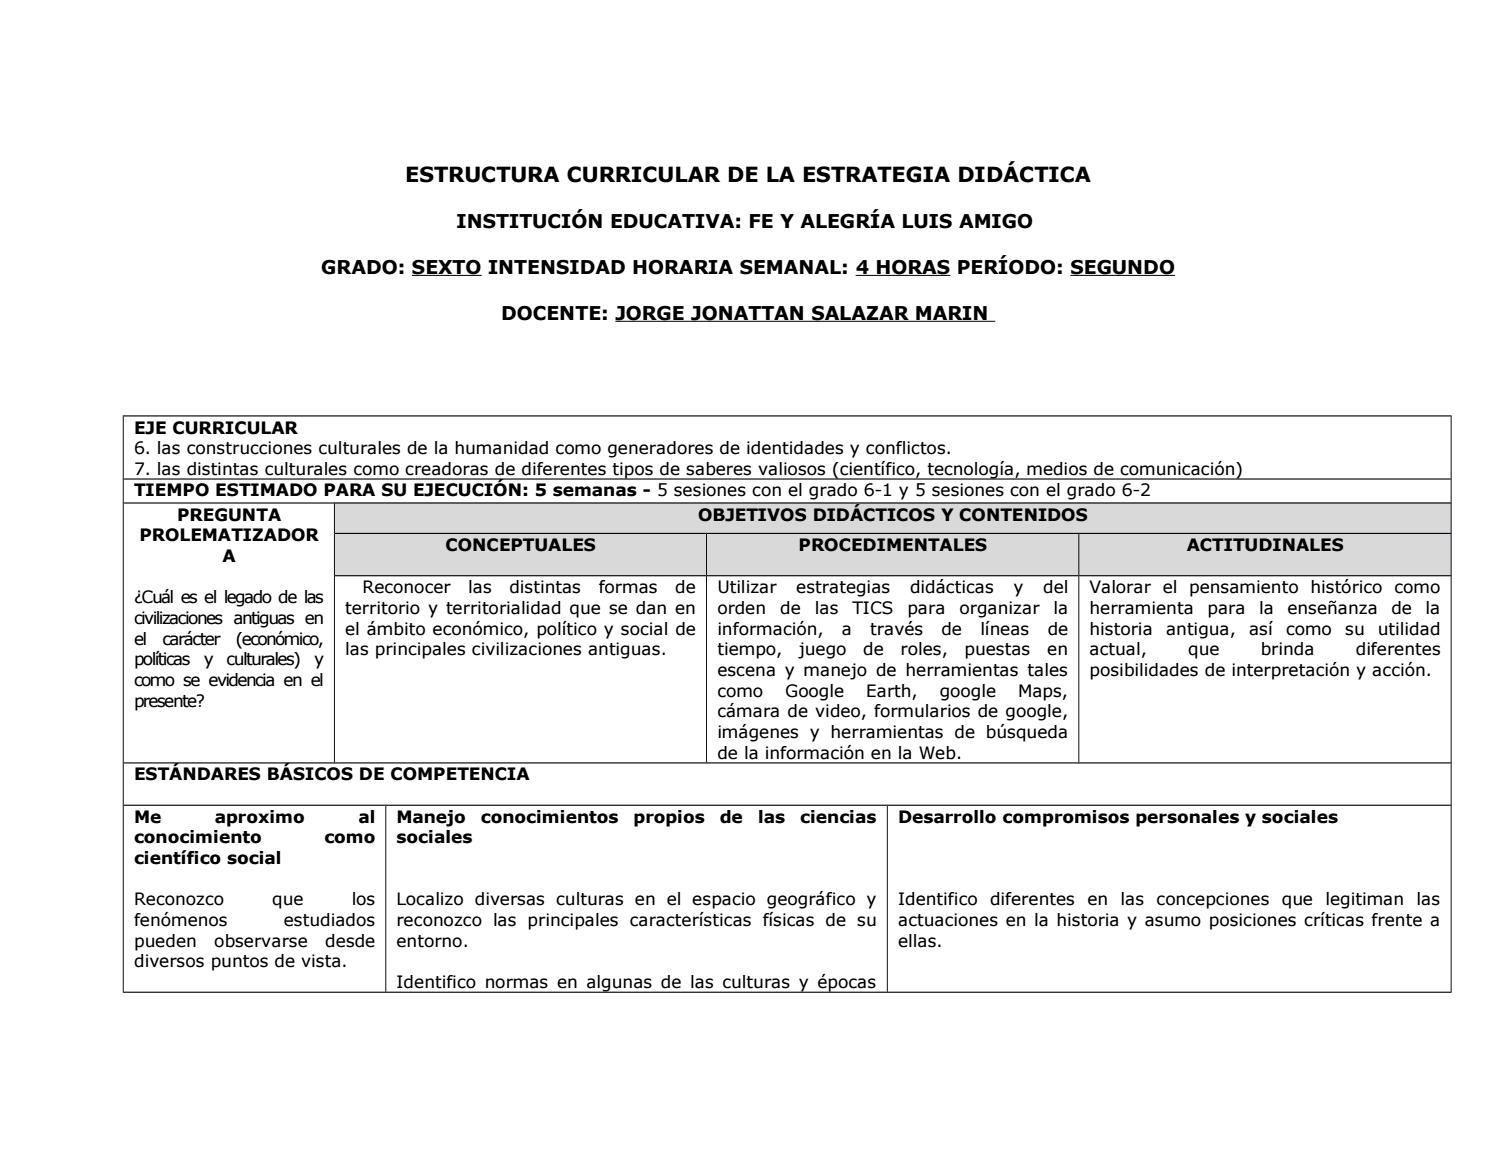 Estructura Curricular De La Estrategia Didáctica By Jorge